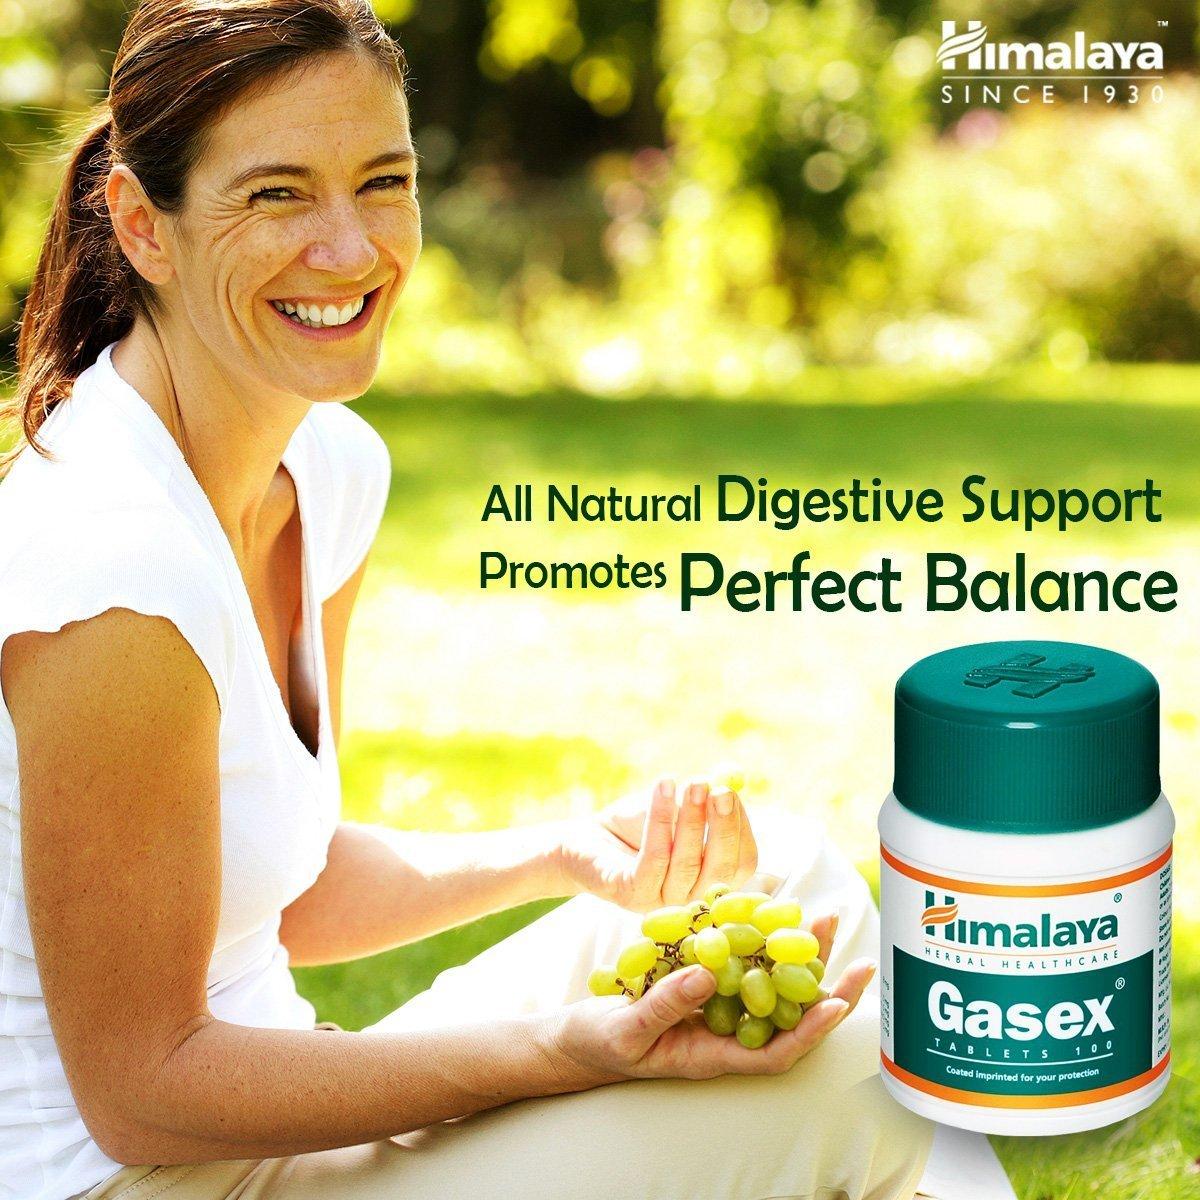 Gasex, Soporte Digestivo Natural   Antiflatulento, alivia el malestar estomacal y la hinchazón   100 tabletas sin gluten de Himalaya (1-Pack)